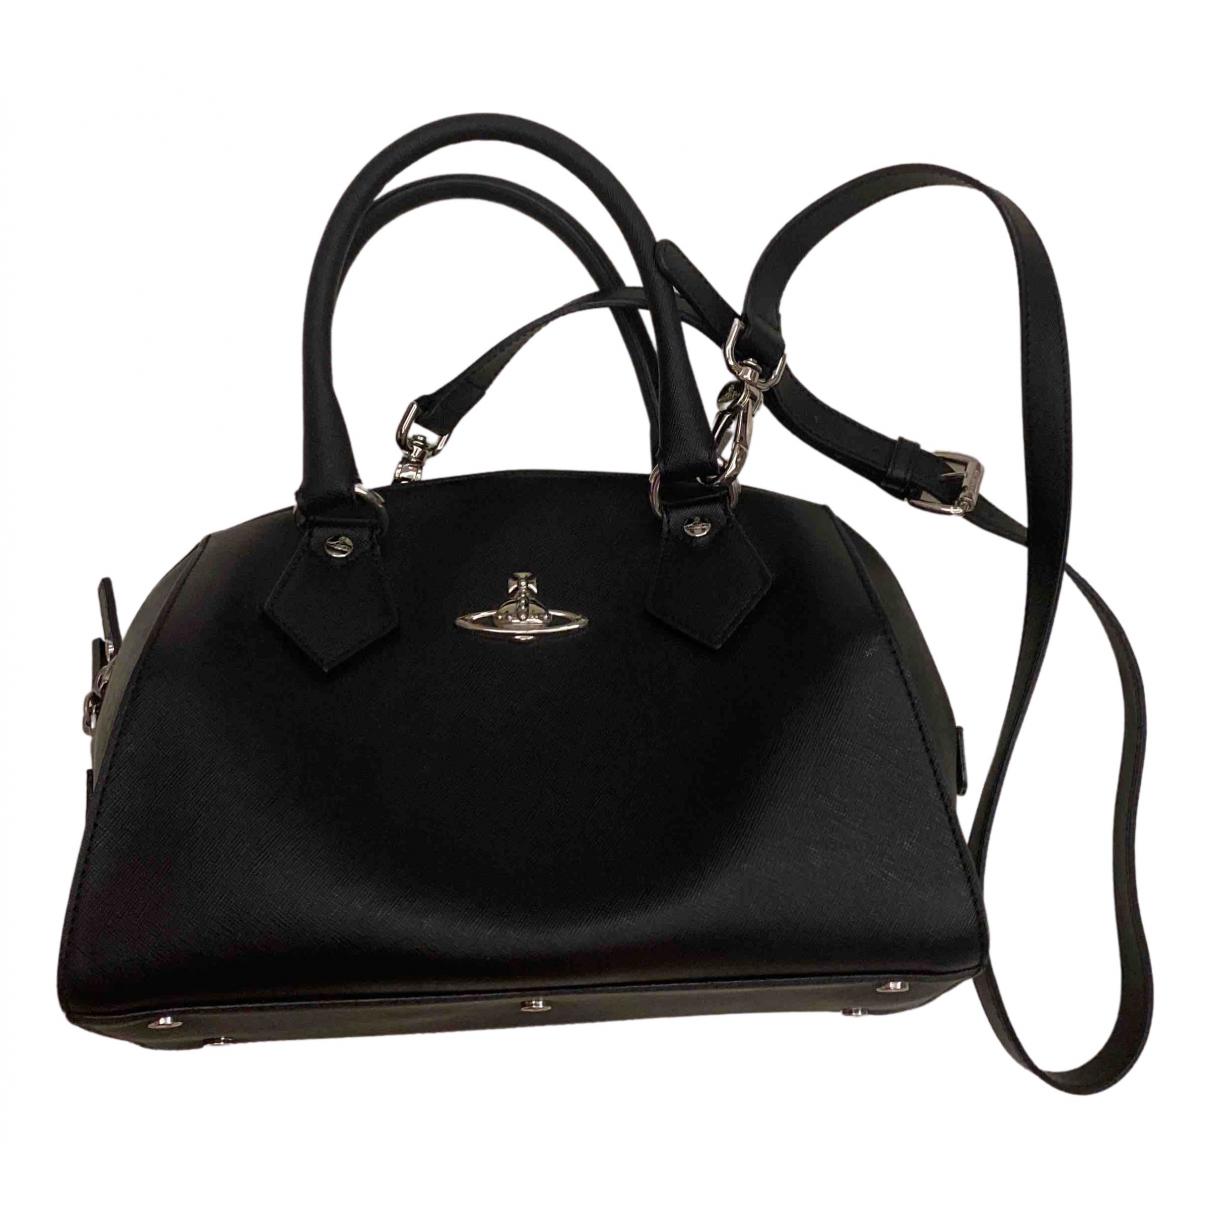 Vivienne Westwood N Black Leather handbag for Women N